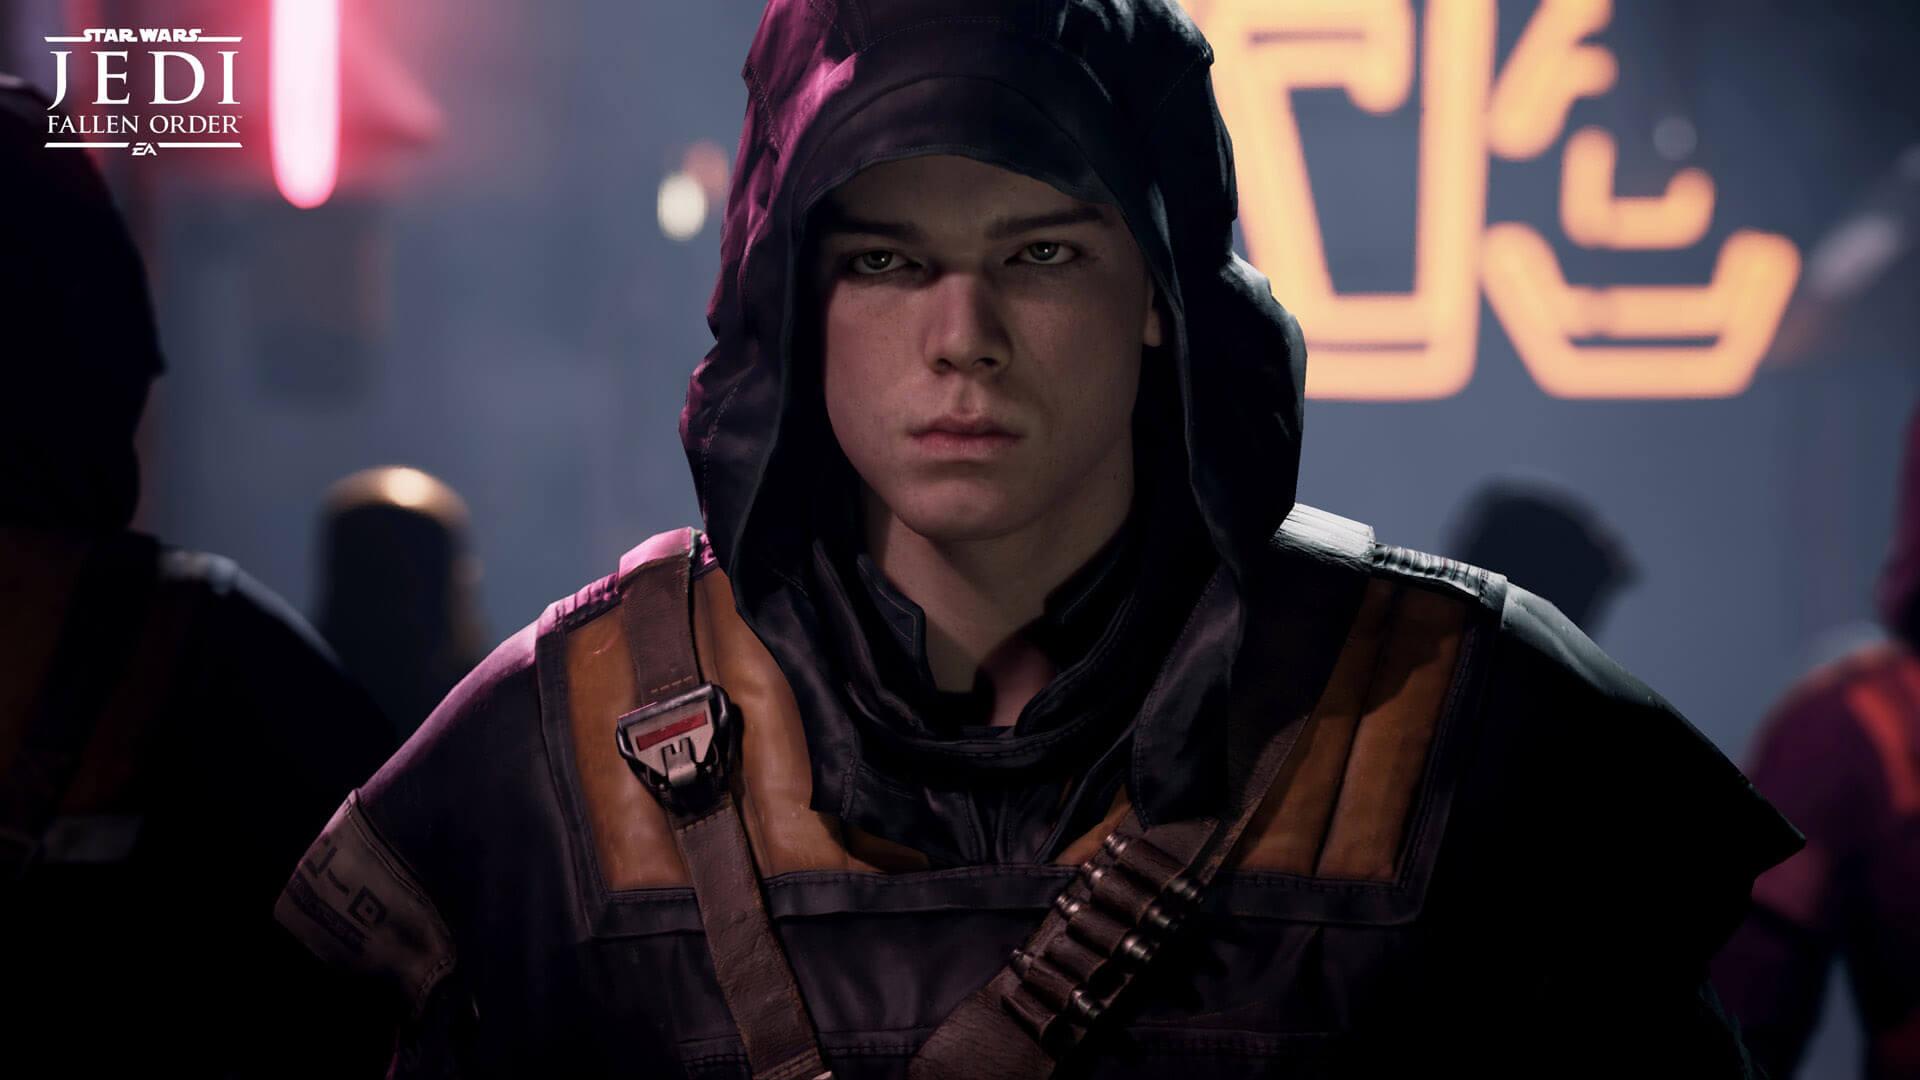 star wars jedi fallen order gameplay e3